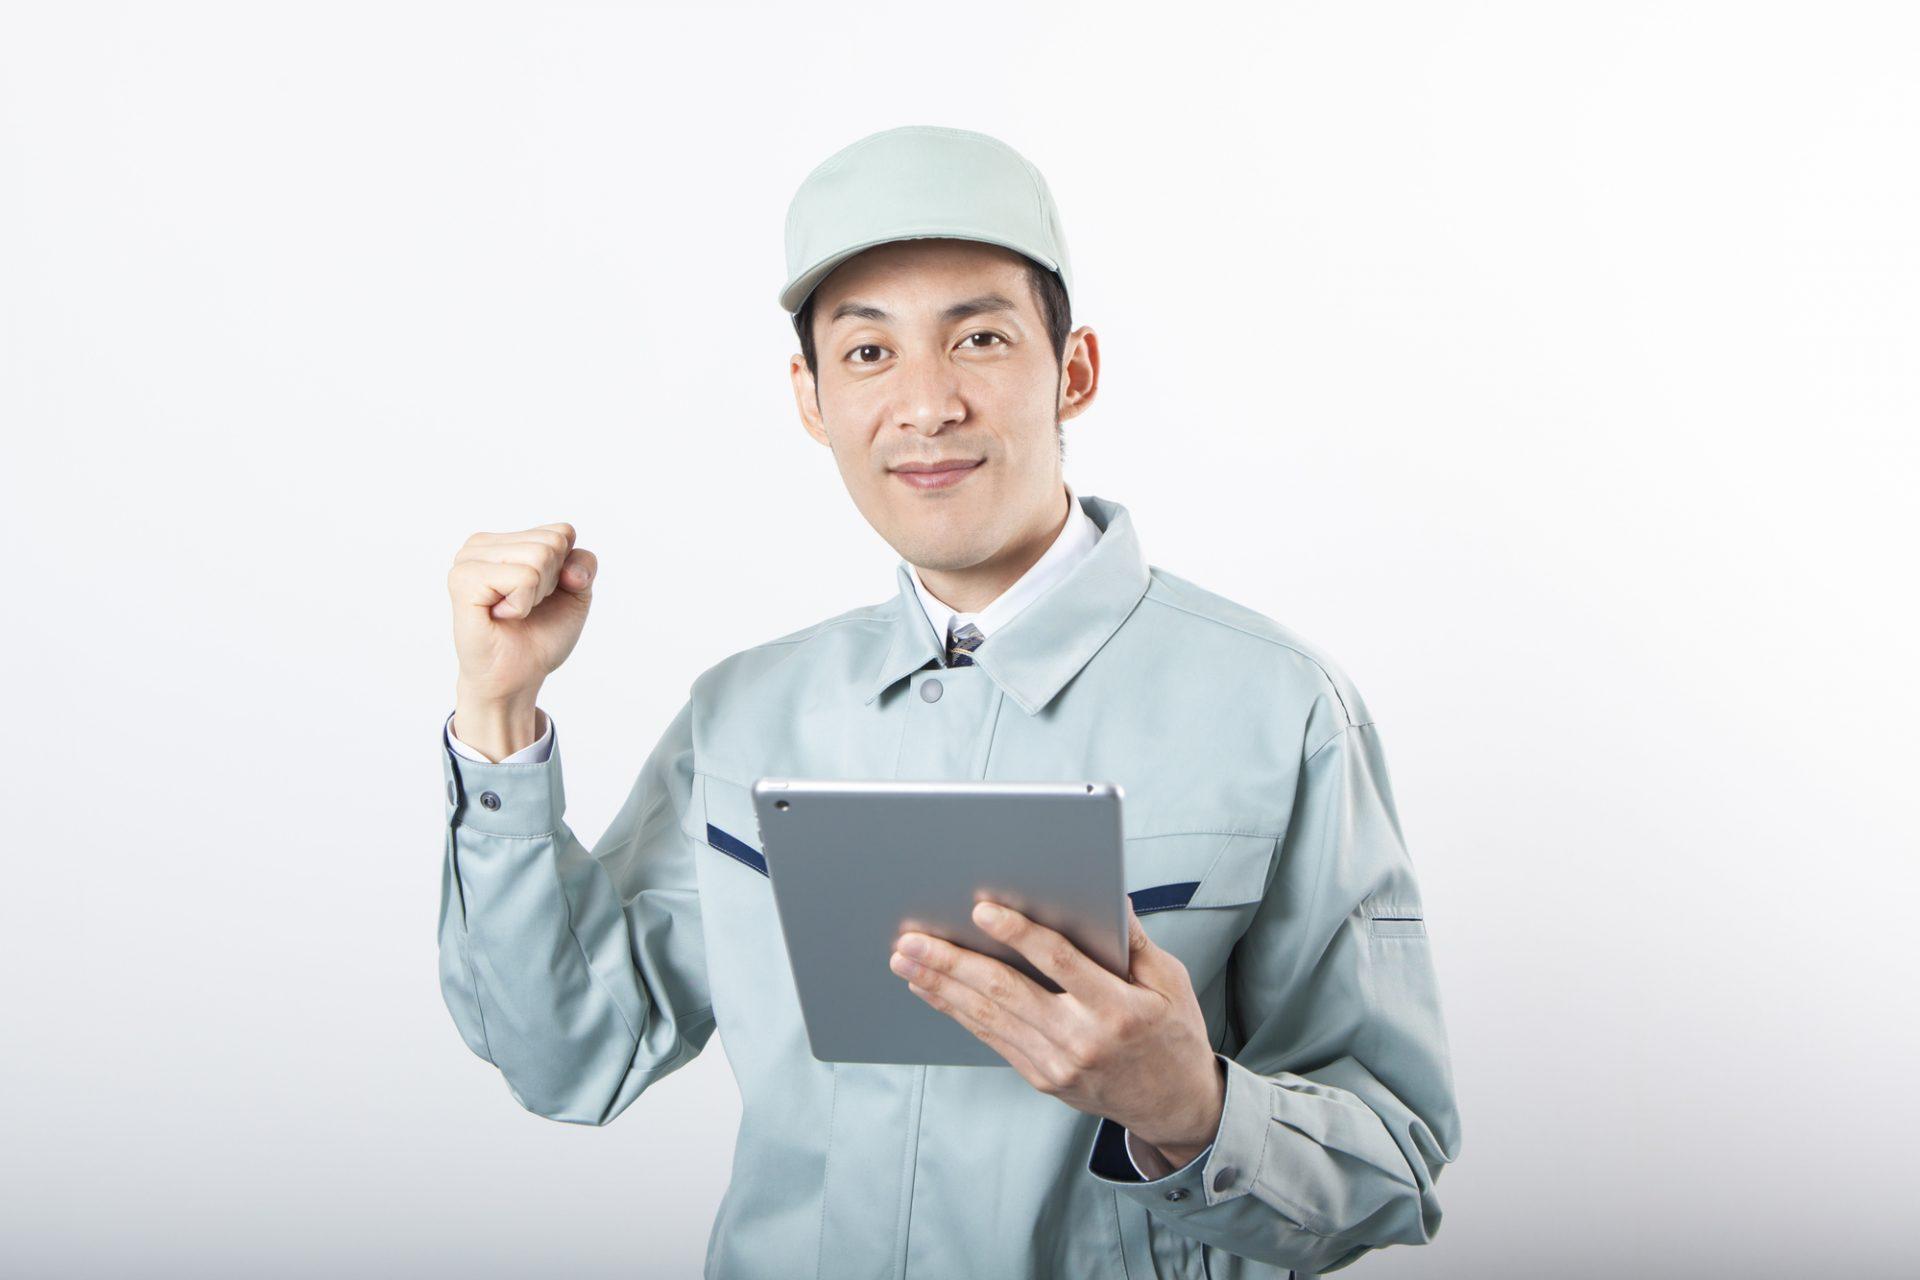 電気工事ではどこにどれくらいの費用がかかる?